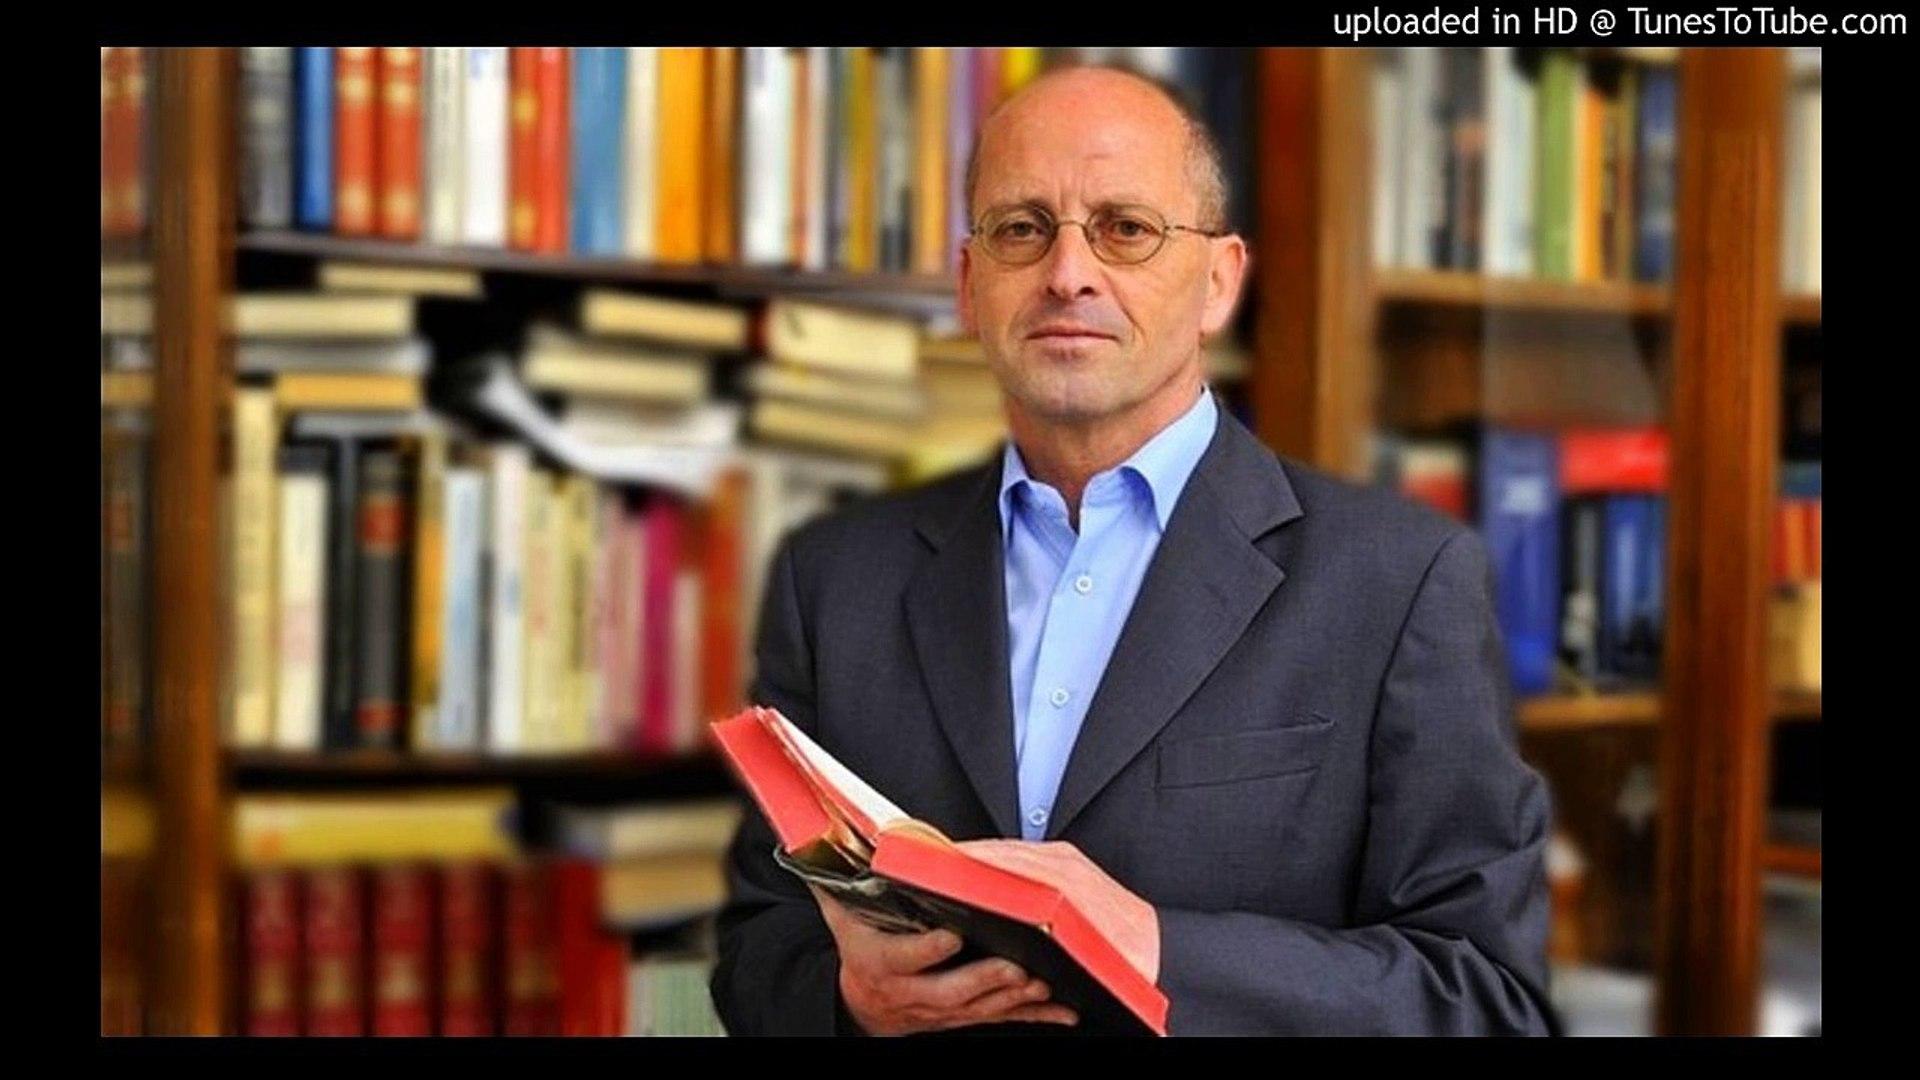 mauro biglino alieni 1 - (La Bible n'est pas un livre sacré) (Le Dieu de la Bible vient des étoiles)